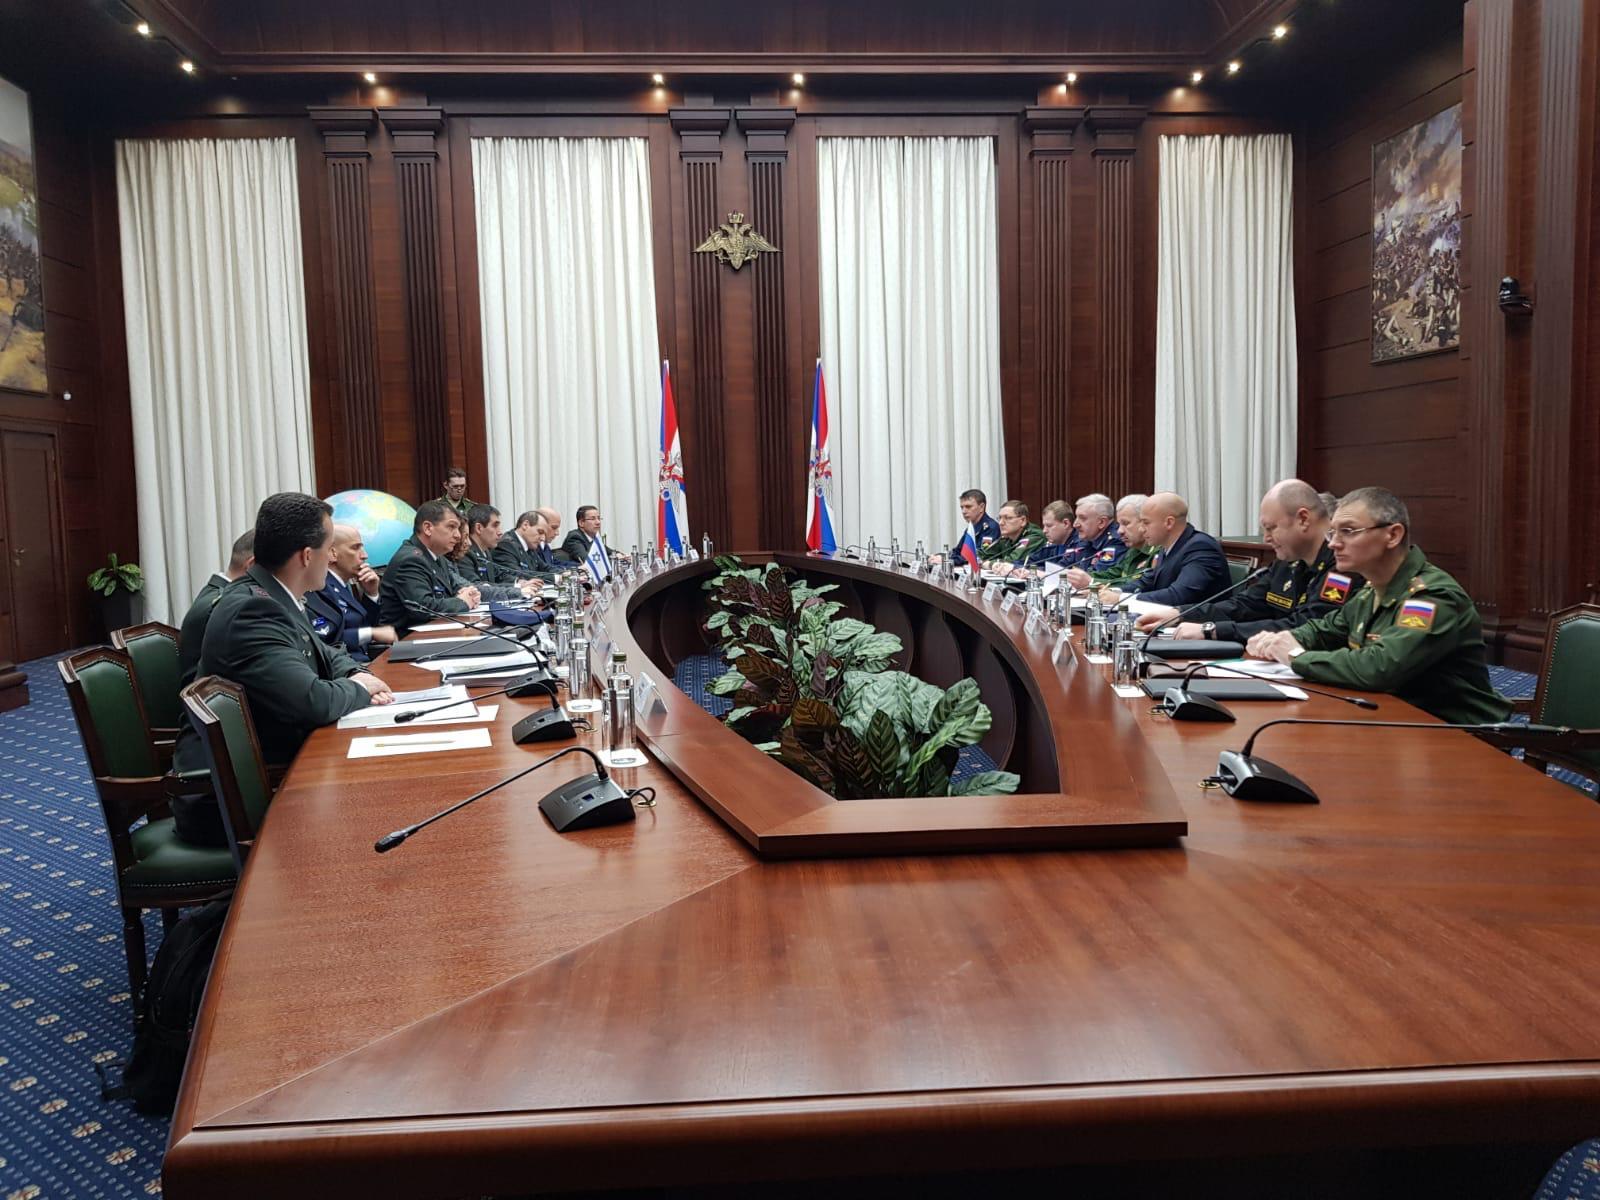 מפגש המשלחות ברוסיה